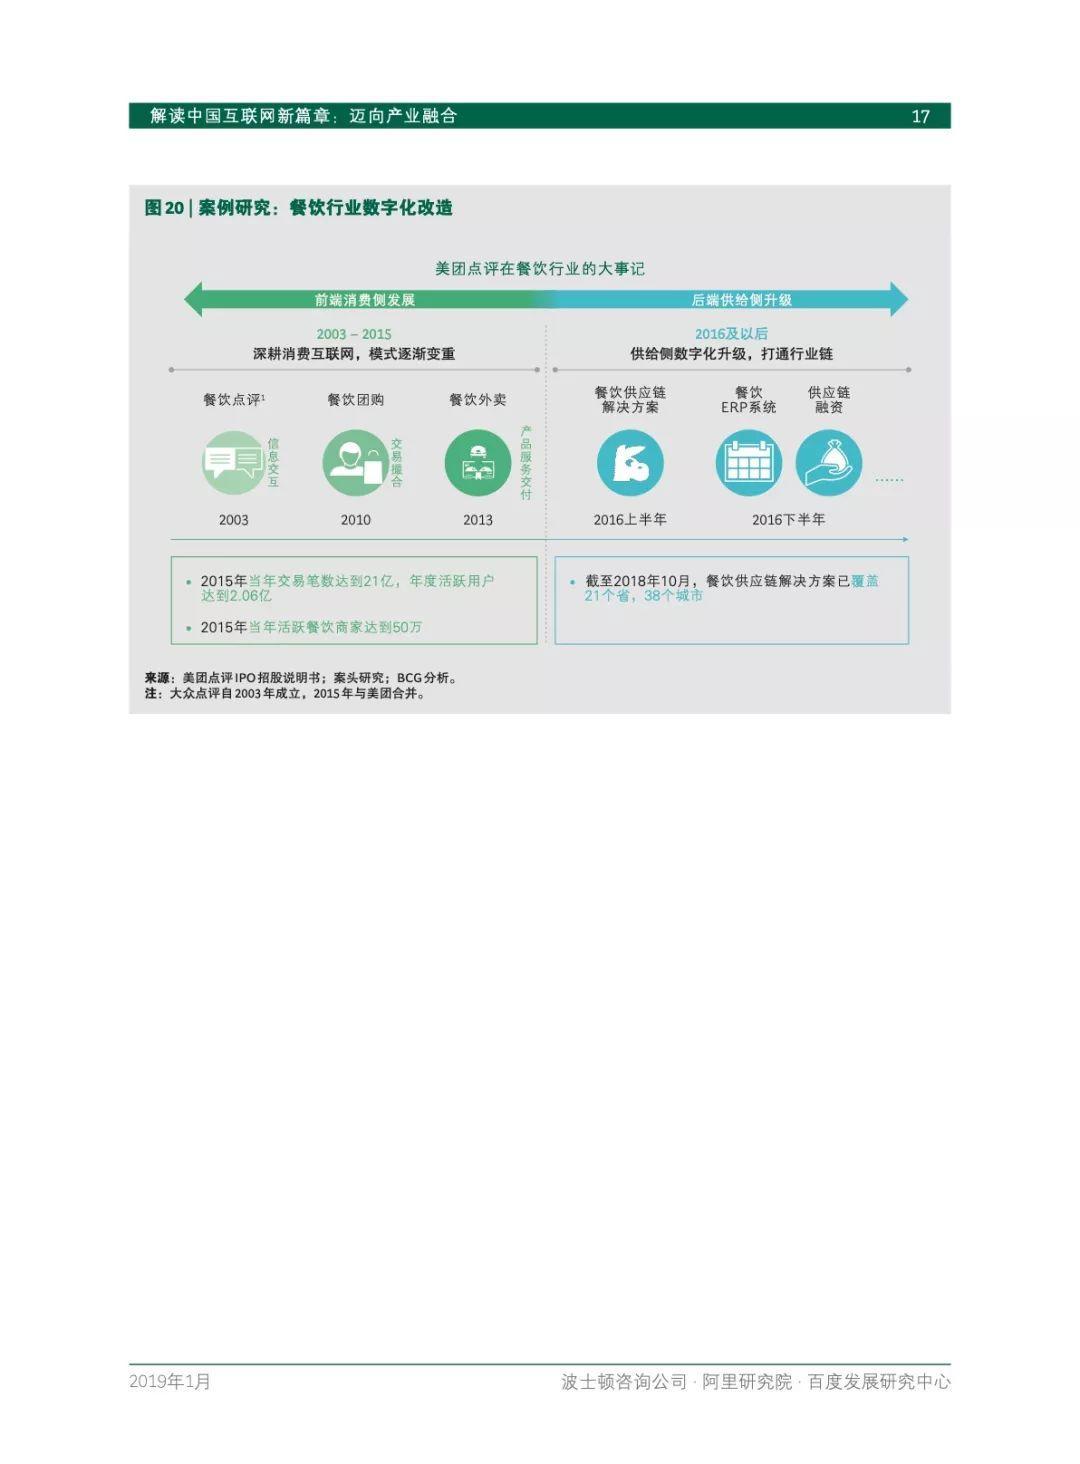 阿里、百度、波士顿联合发布中国互联网经济白皮书2.0,解读中国互联网新篇章:迈向产业融合